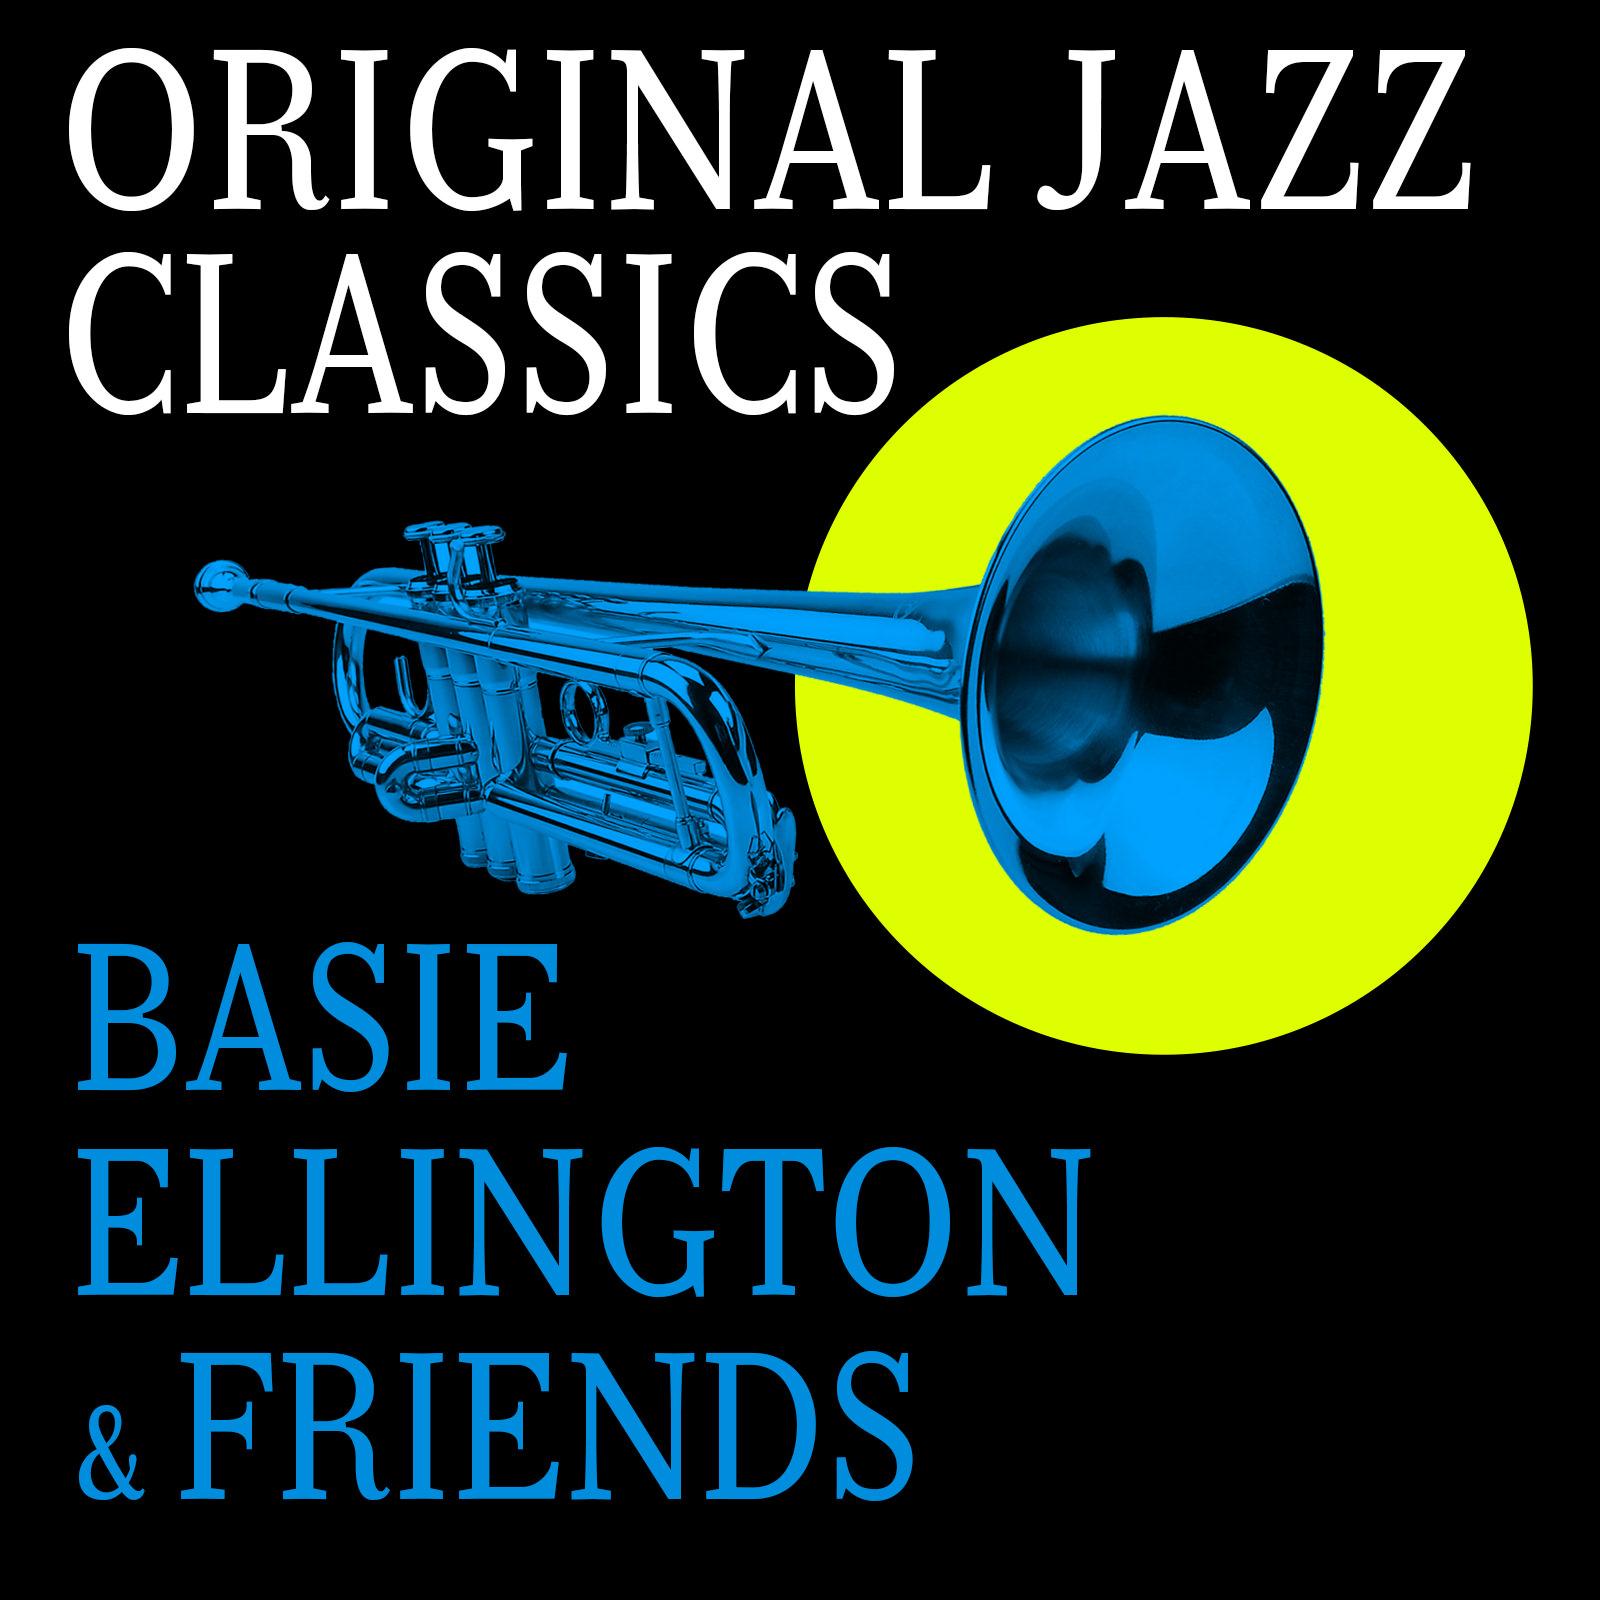 jazzclassics